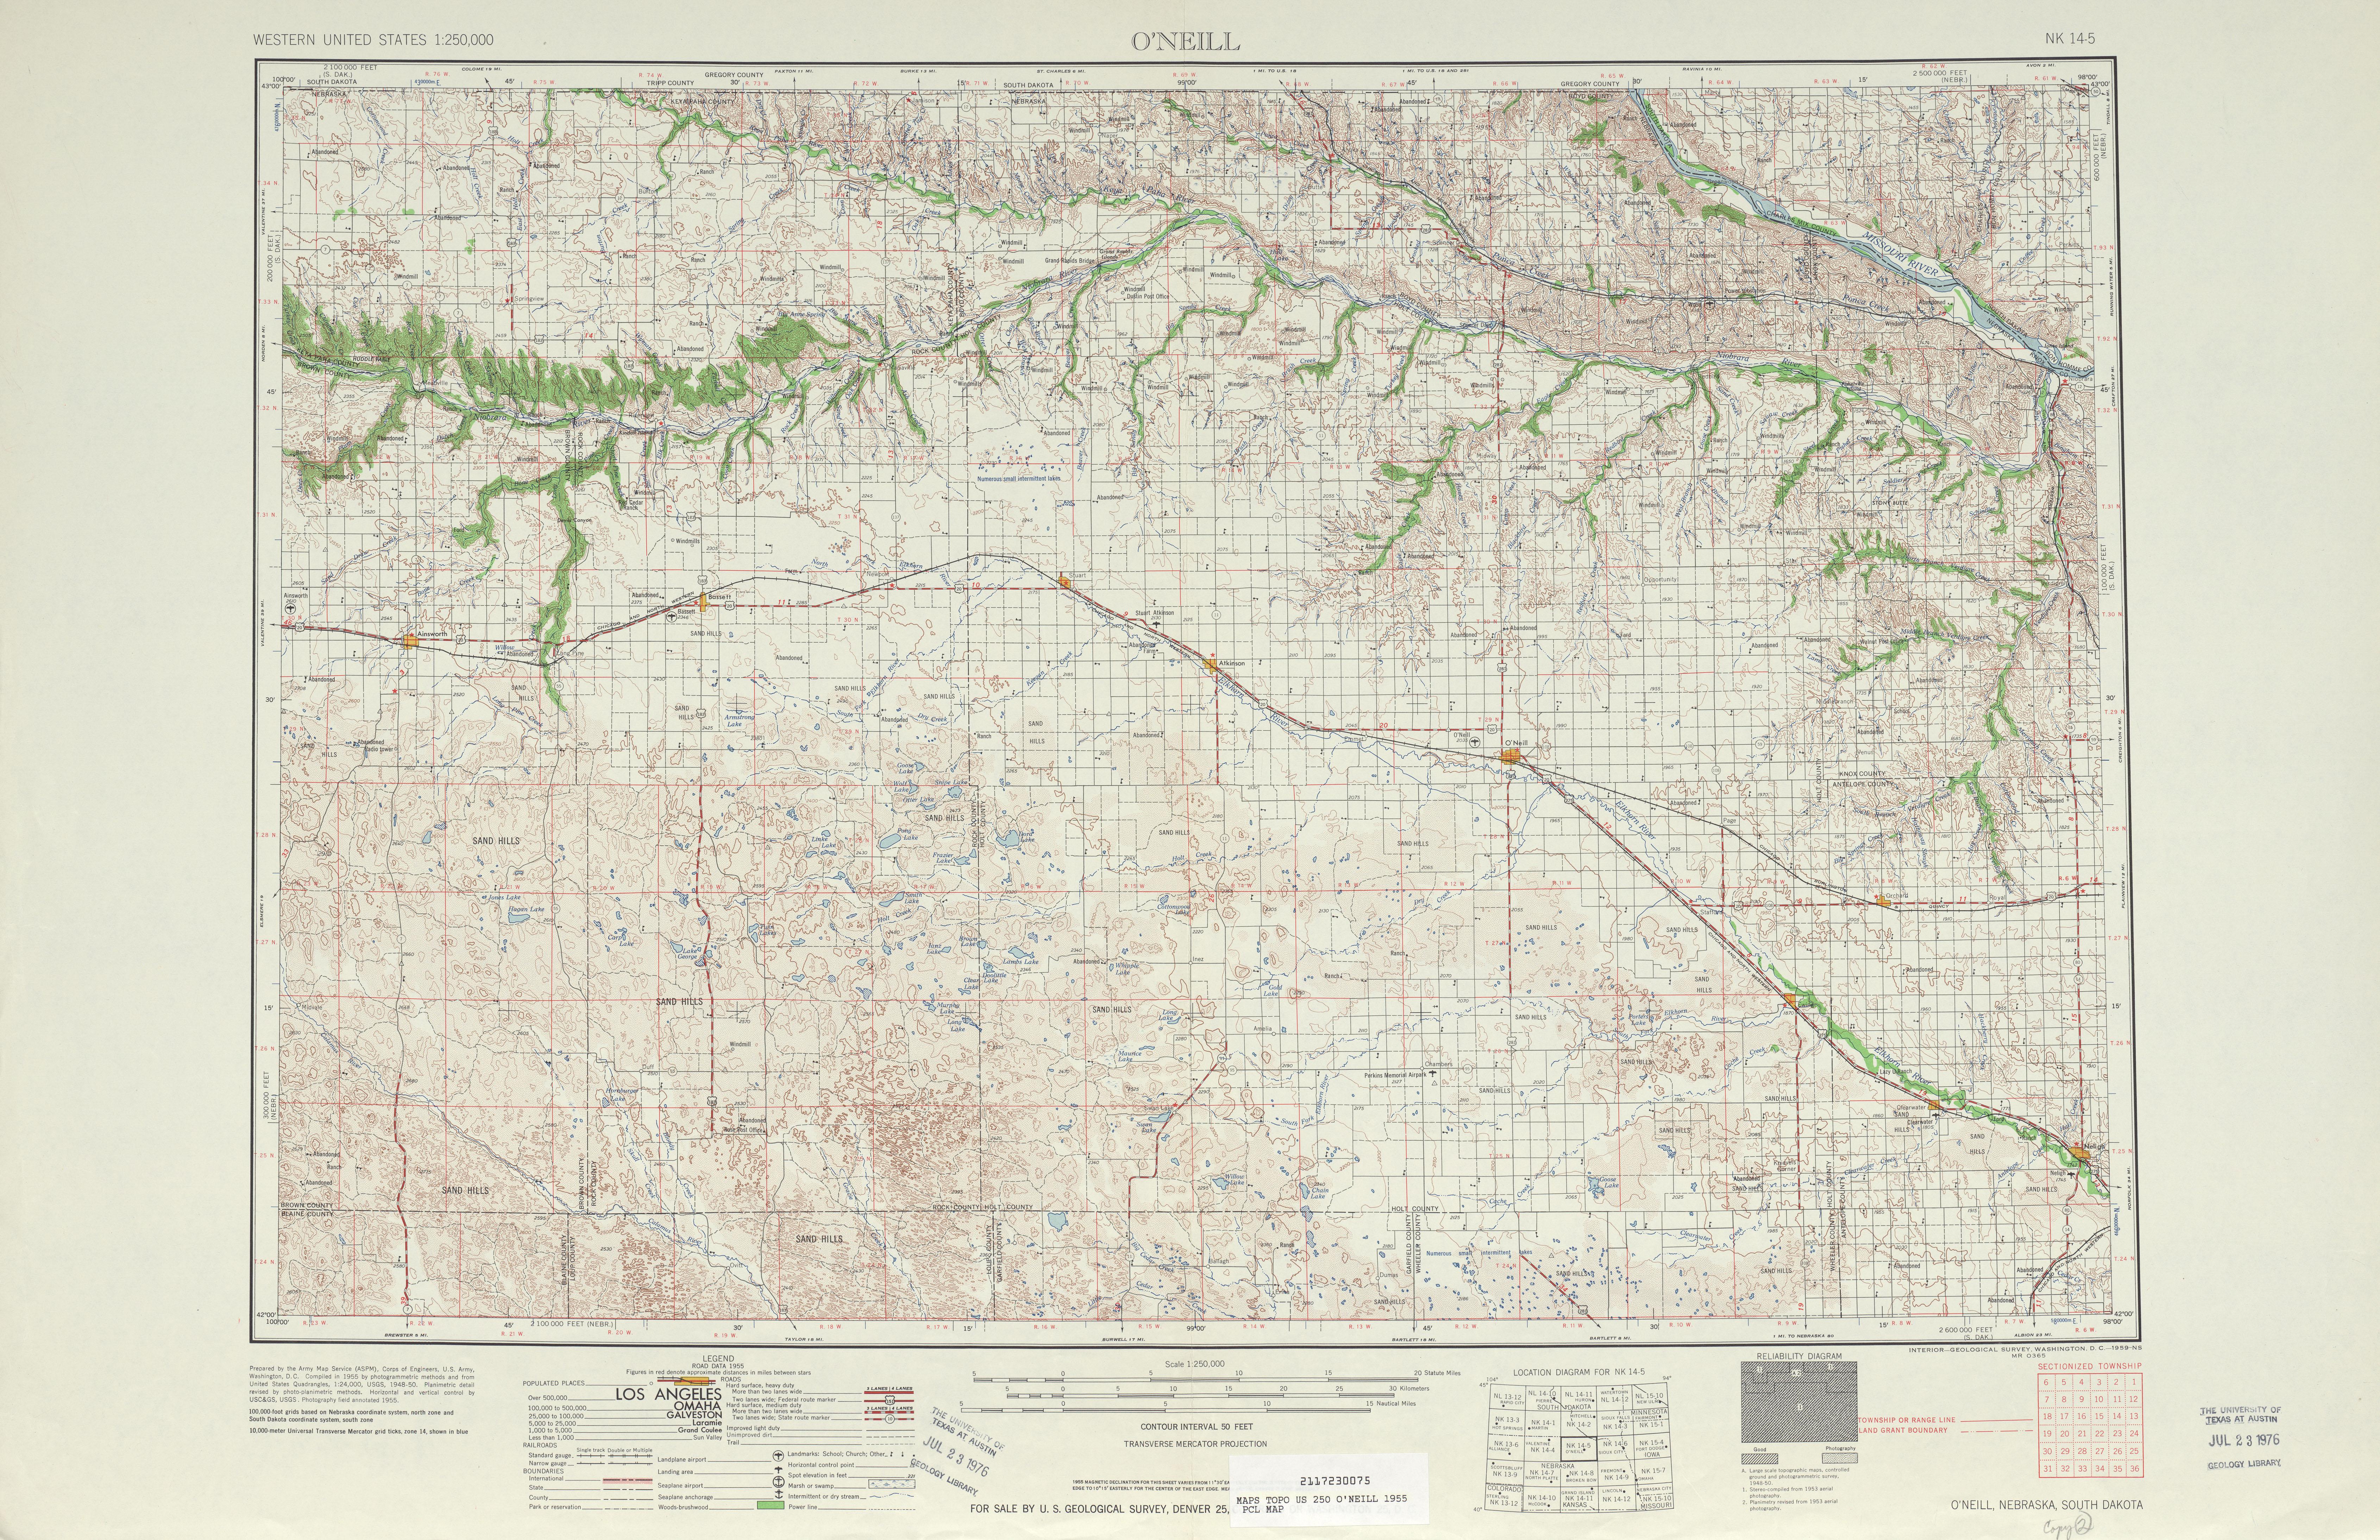 Hoja O'neill del Mapa Topográfico de los Estados Unidos 1955